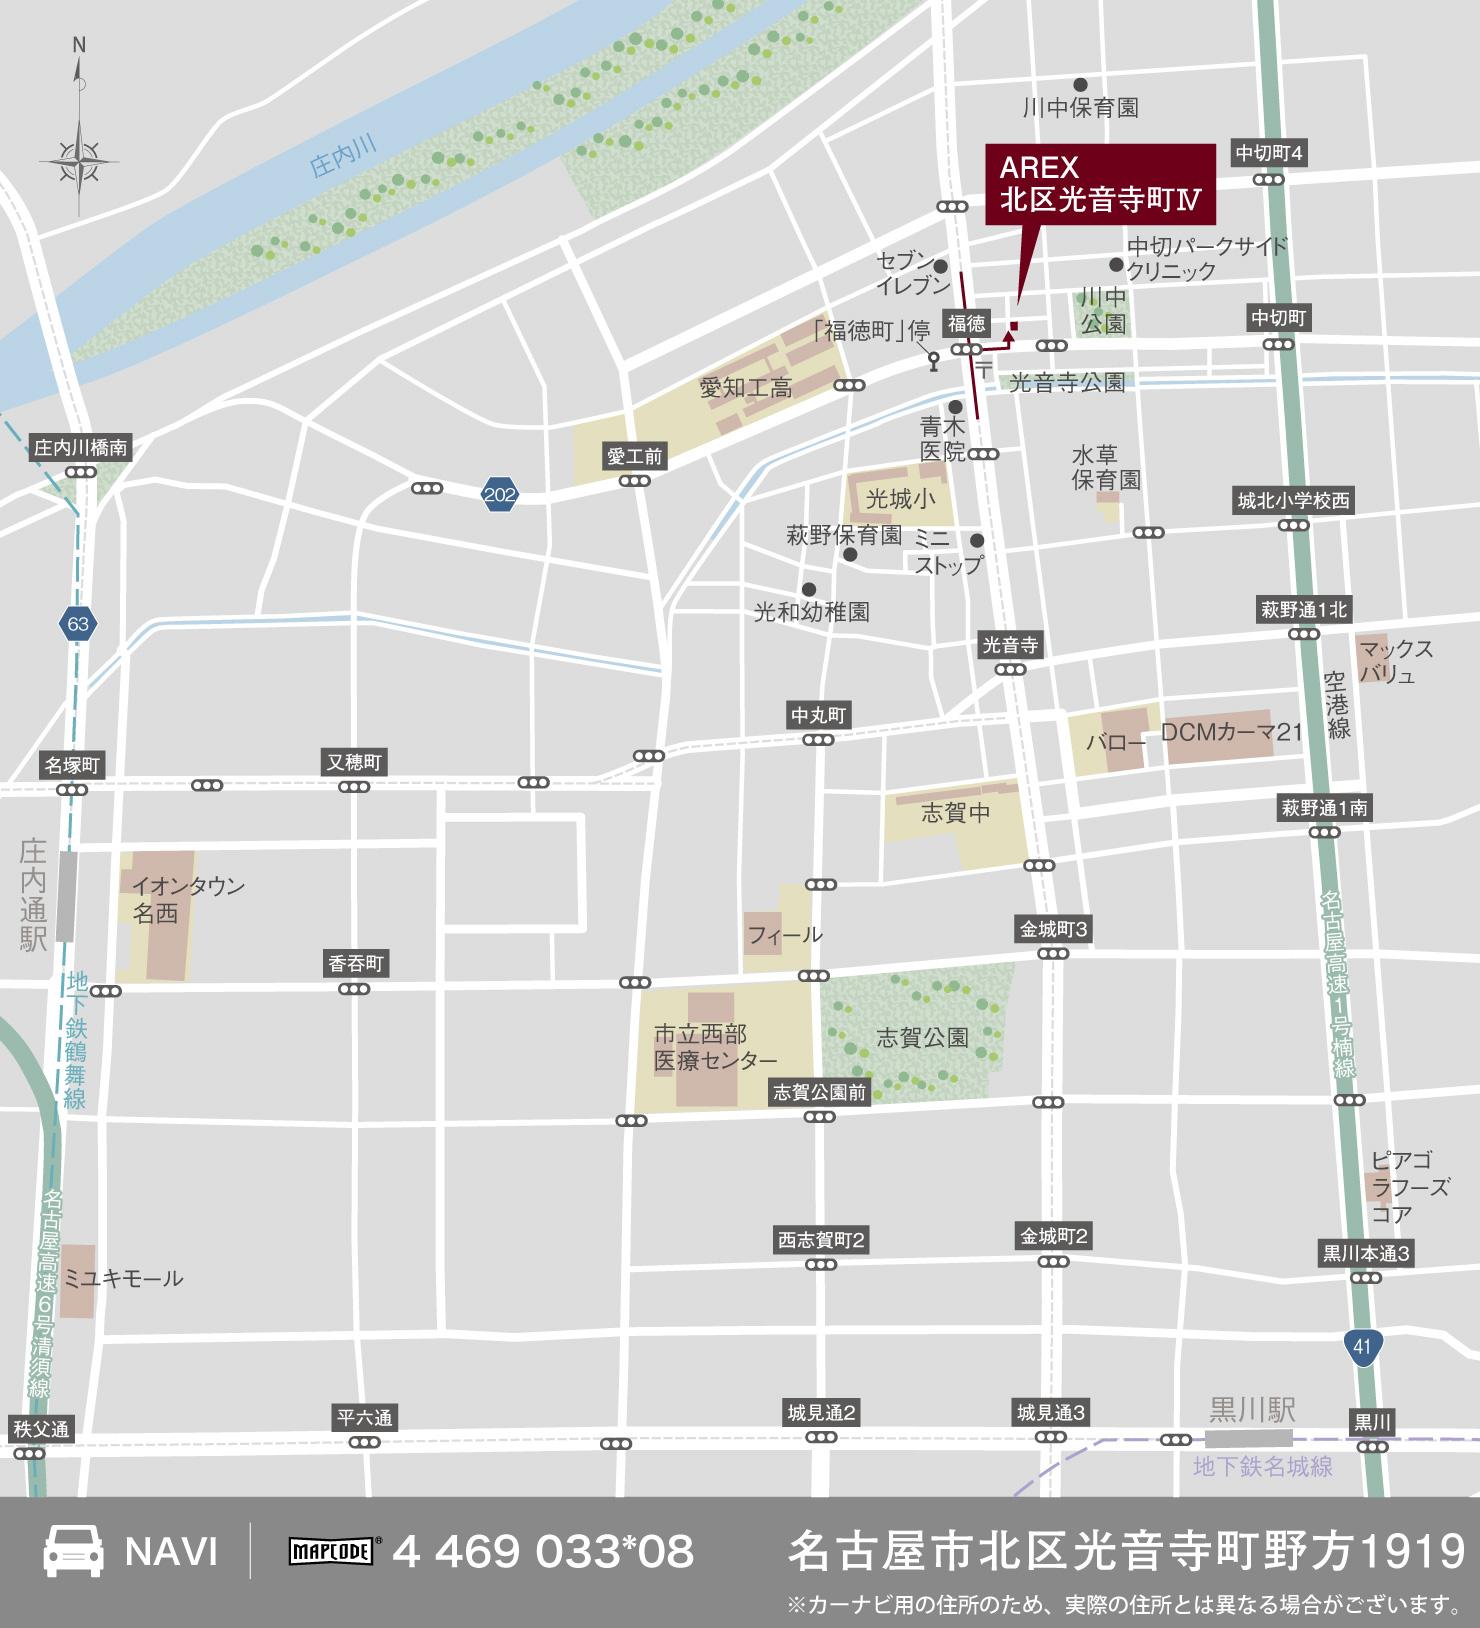 3_地図_北区光音寺町4